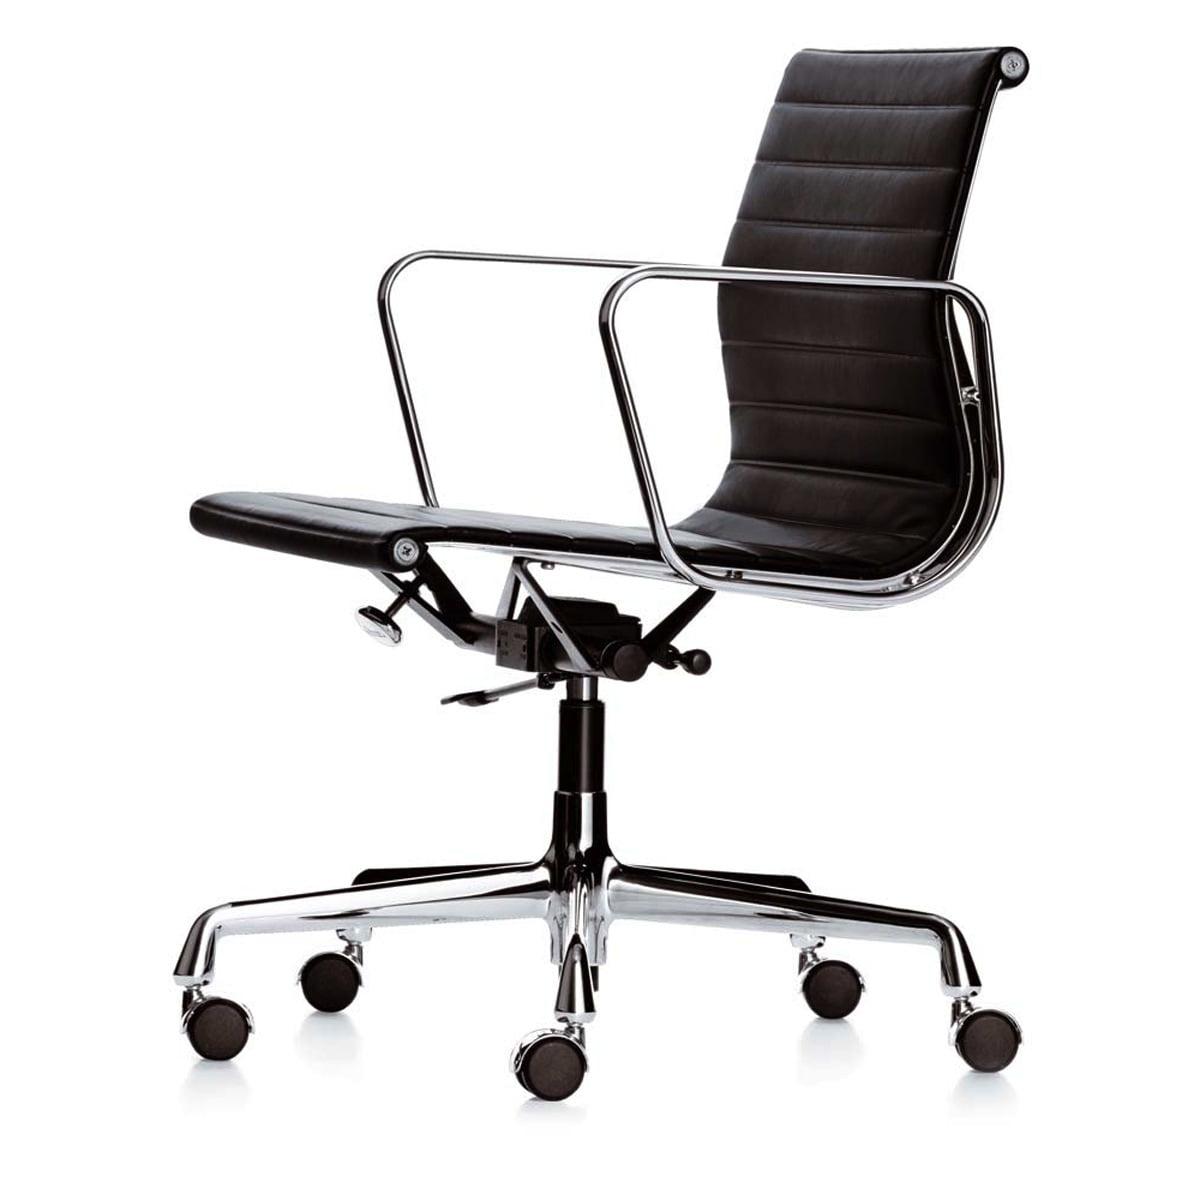 Bürostuhl designklassiker eames  Vitra - EA 117 Bürostuhl Chrom mit Armlehnen, drehbar, Hopsak nero  (Teppichbodenrollen)